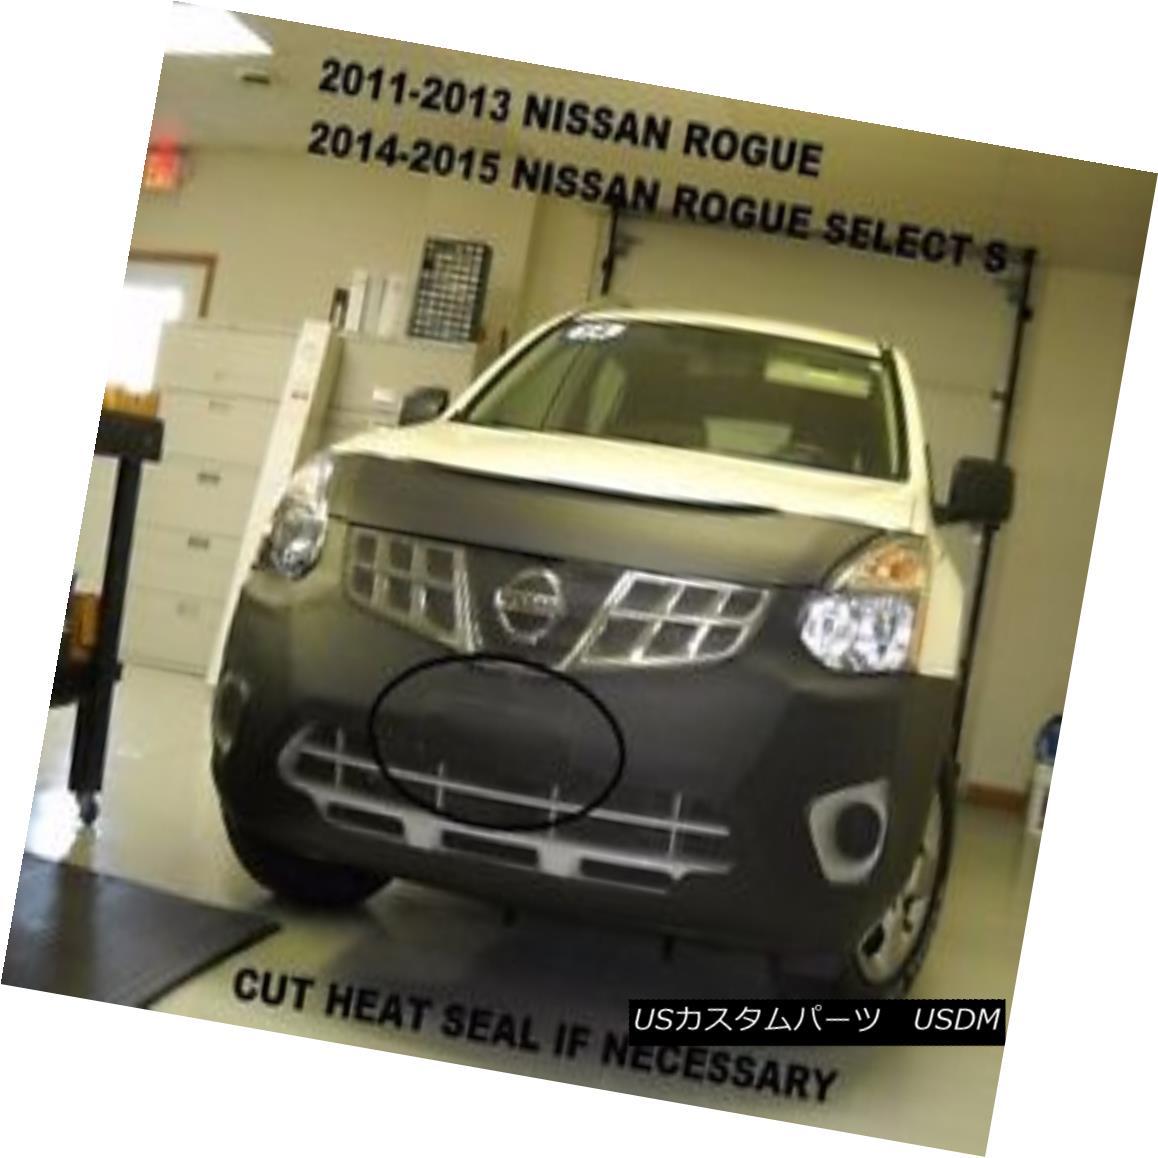 フルブラ ノーズブラ Lebra Front End Mask Cover Bra Fits Nissan Rogue 2011-2013 2011 2012 2013 LebraフロントエンドマスクカバーブラはNissan Rogueに適合2011-2013 2011 2012 2013